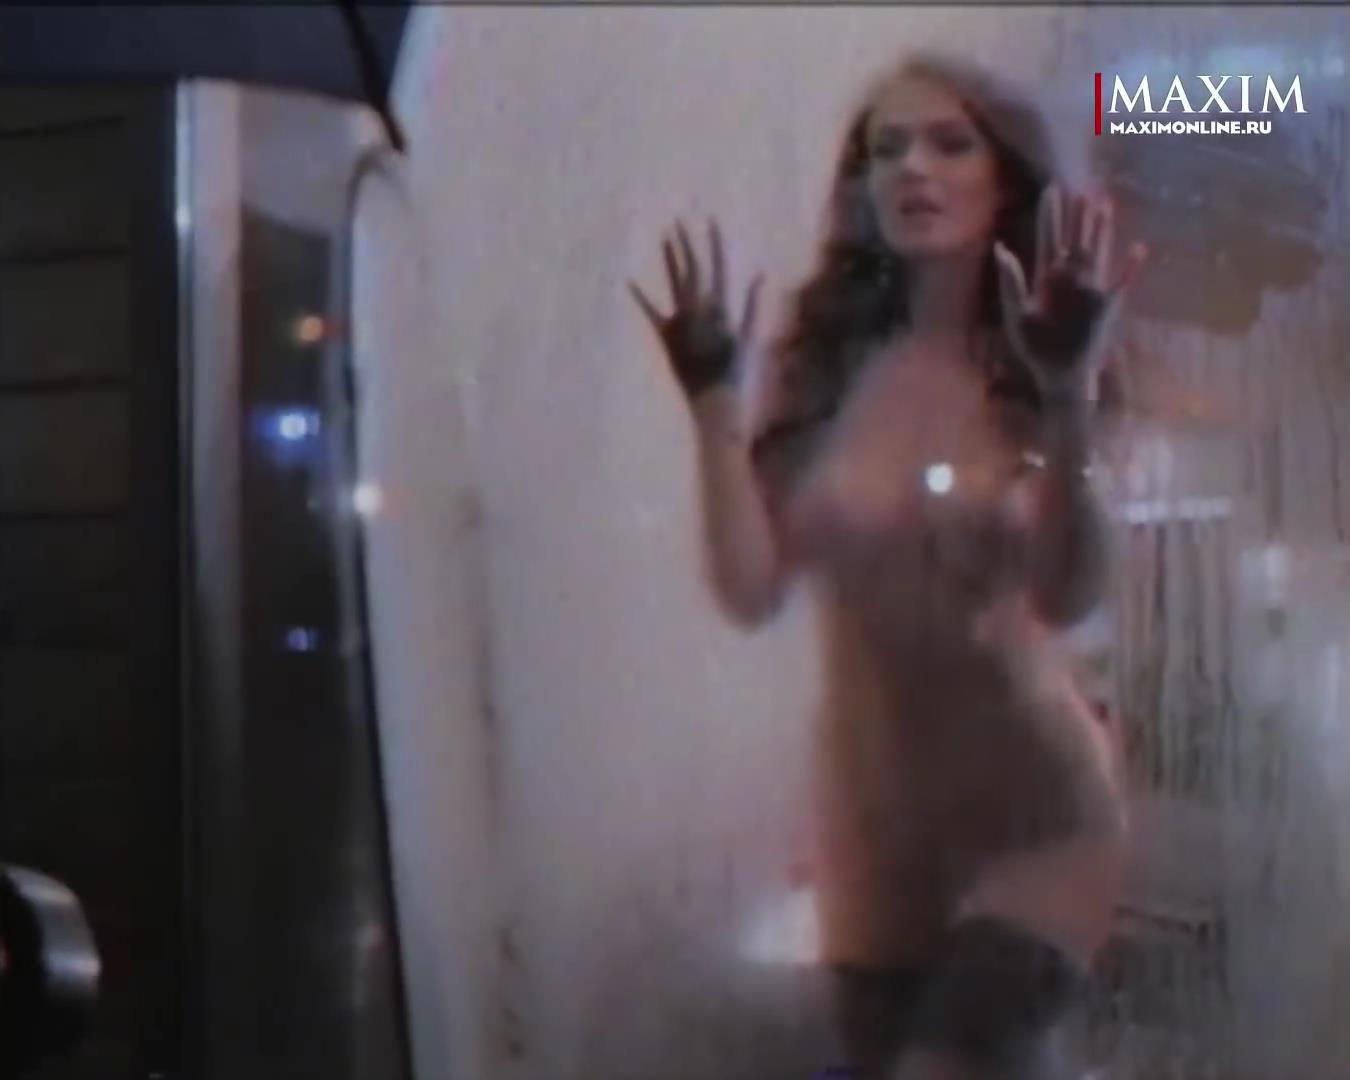 Порнуха с аленай водонаевой, Русское порно: порно с Алёной Водонаевой 20 фотография